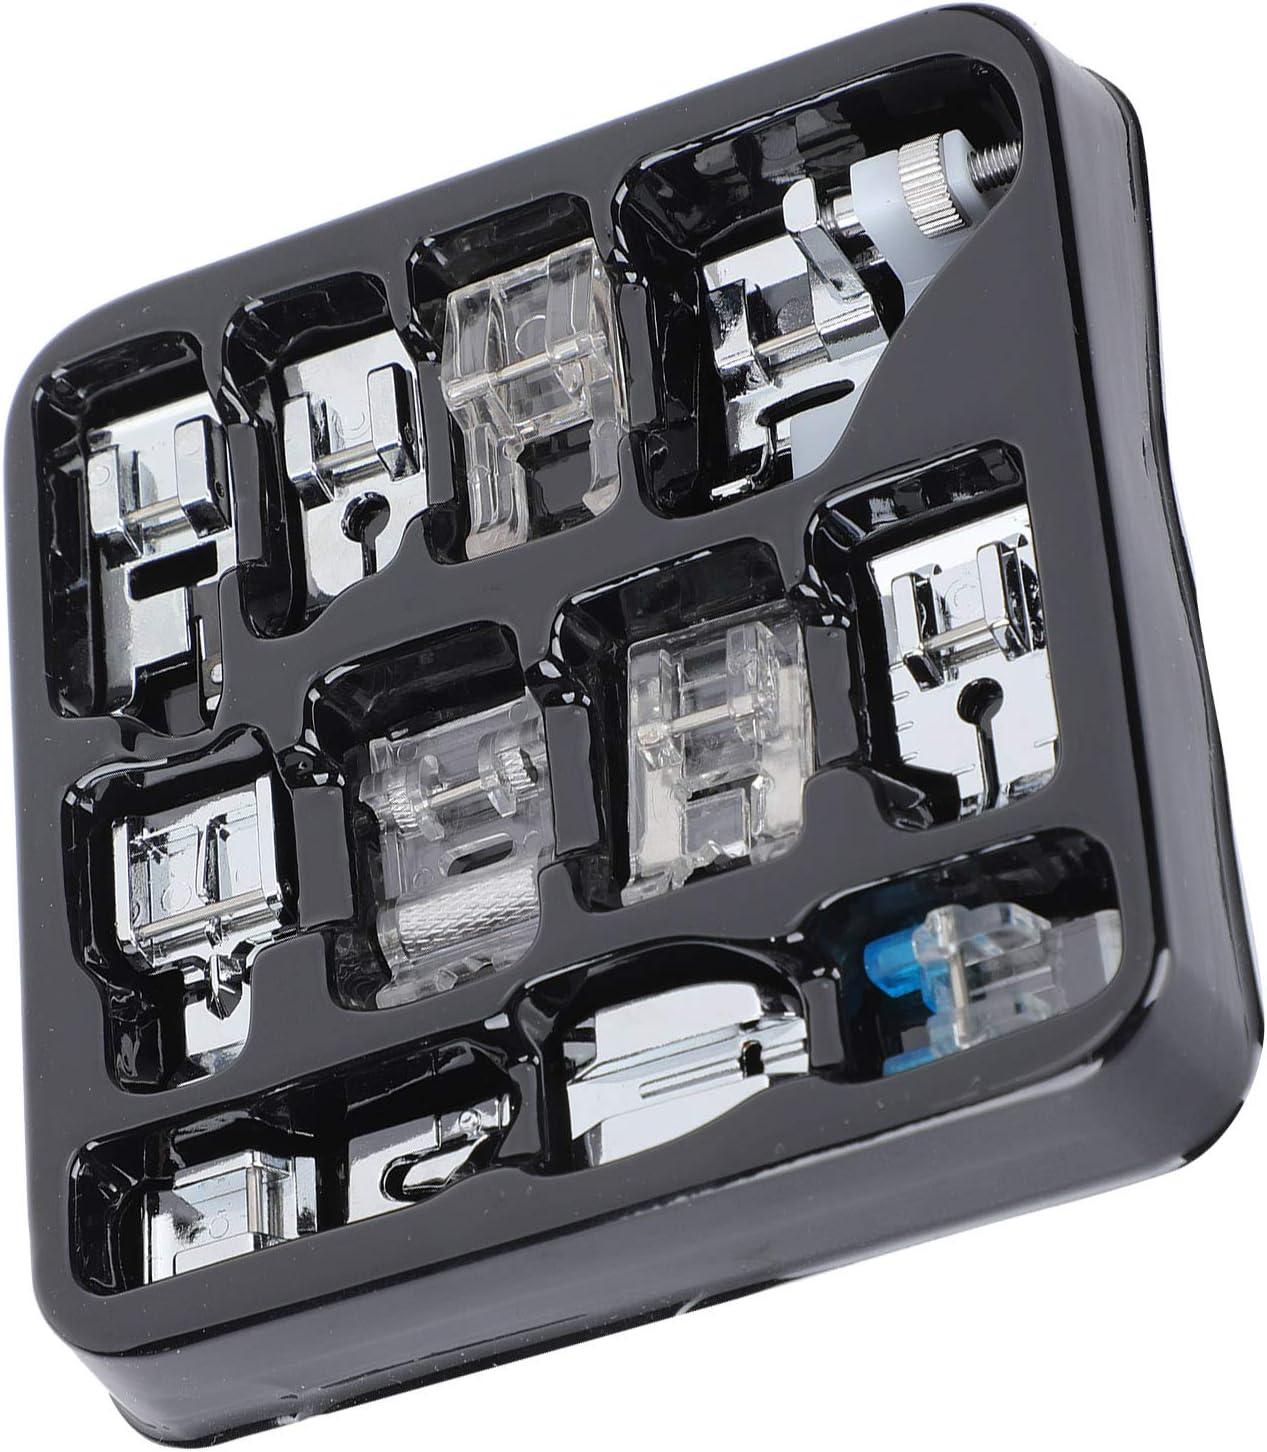 SALUTUY Prensatelas para Máquina De Coser, Resistente A La Corrosión 505A Cremallera Invisible 11 Piezas 505A Prensatelas para Máquina De Coser De Alta Resistencia para Botones para Cremalleras